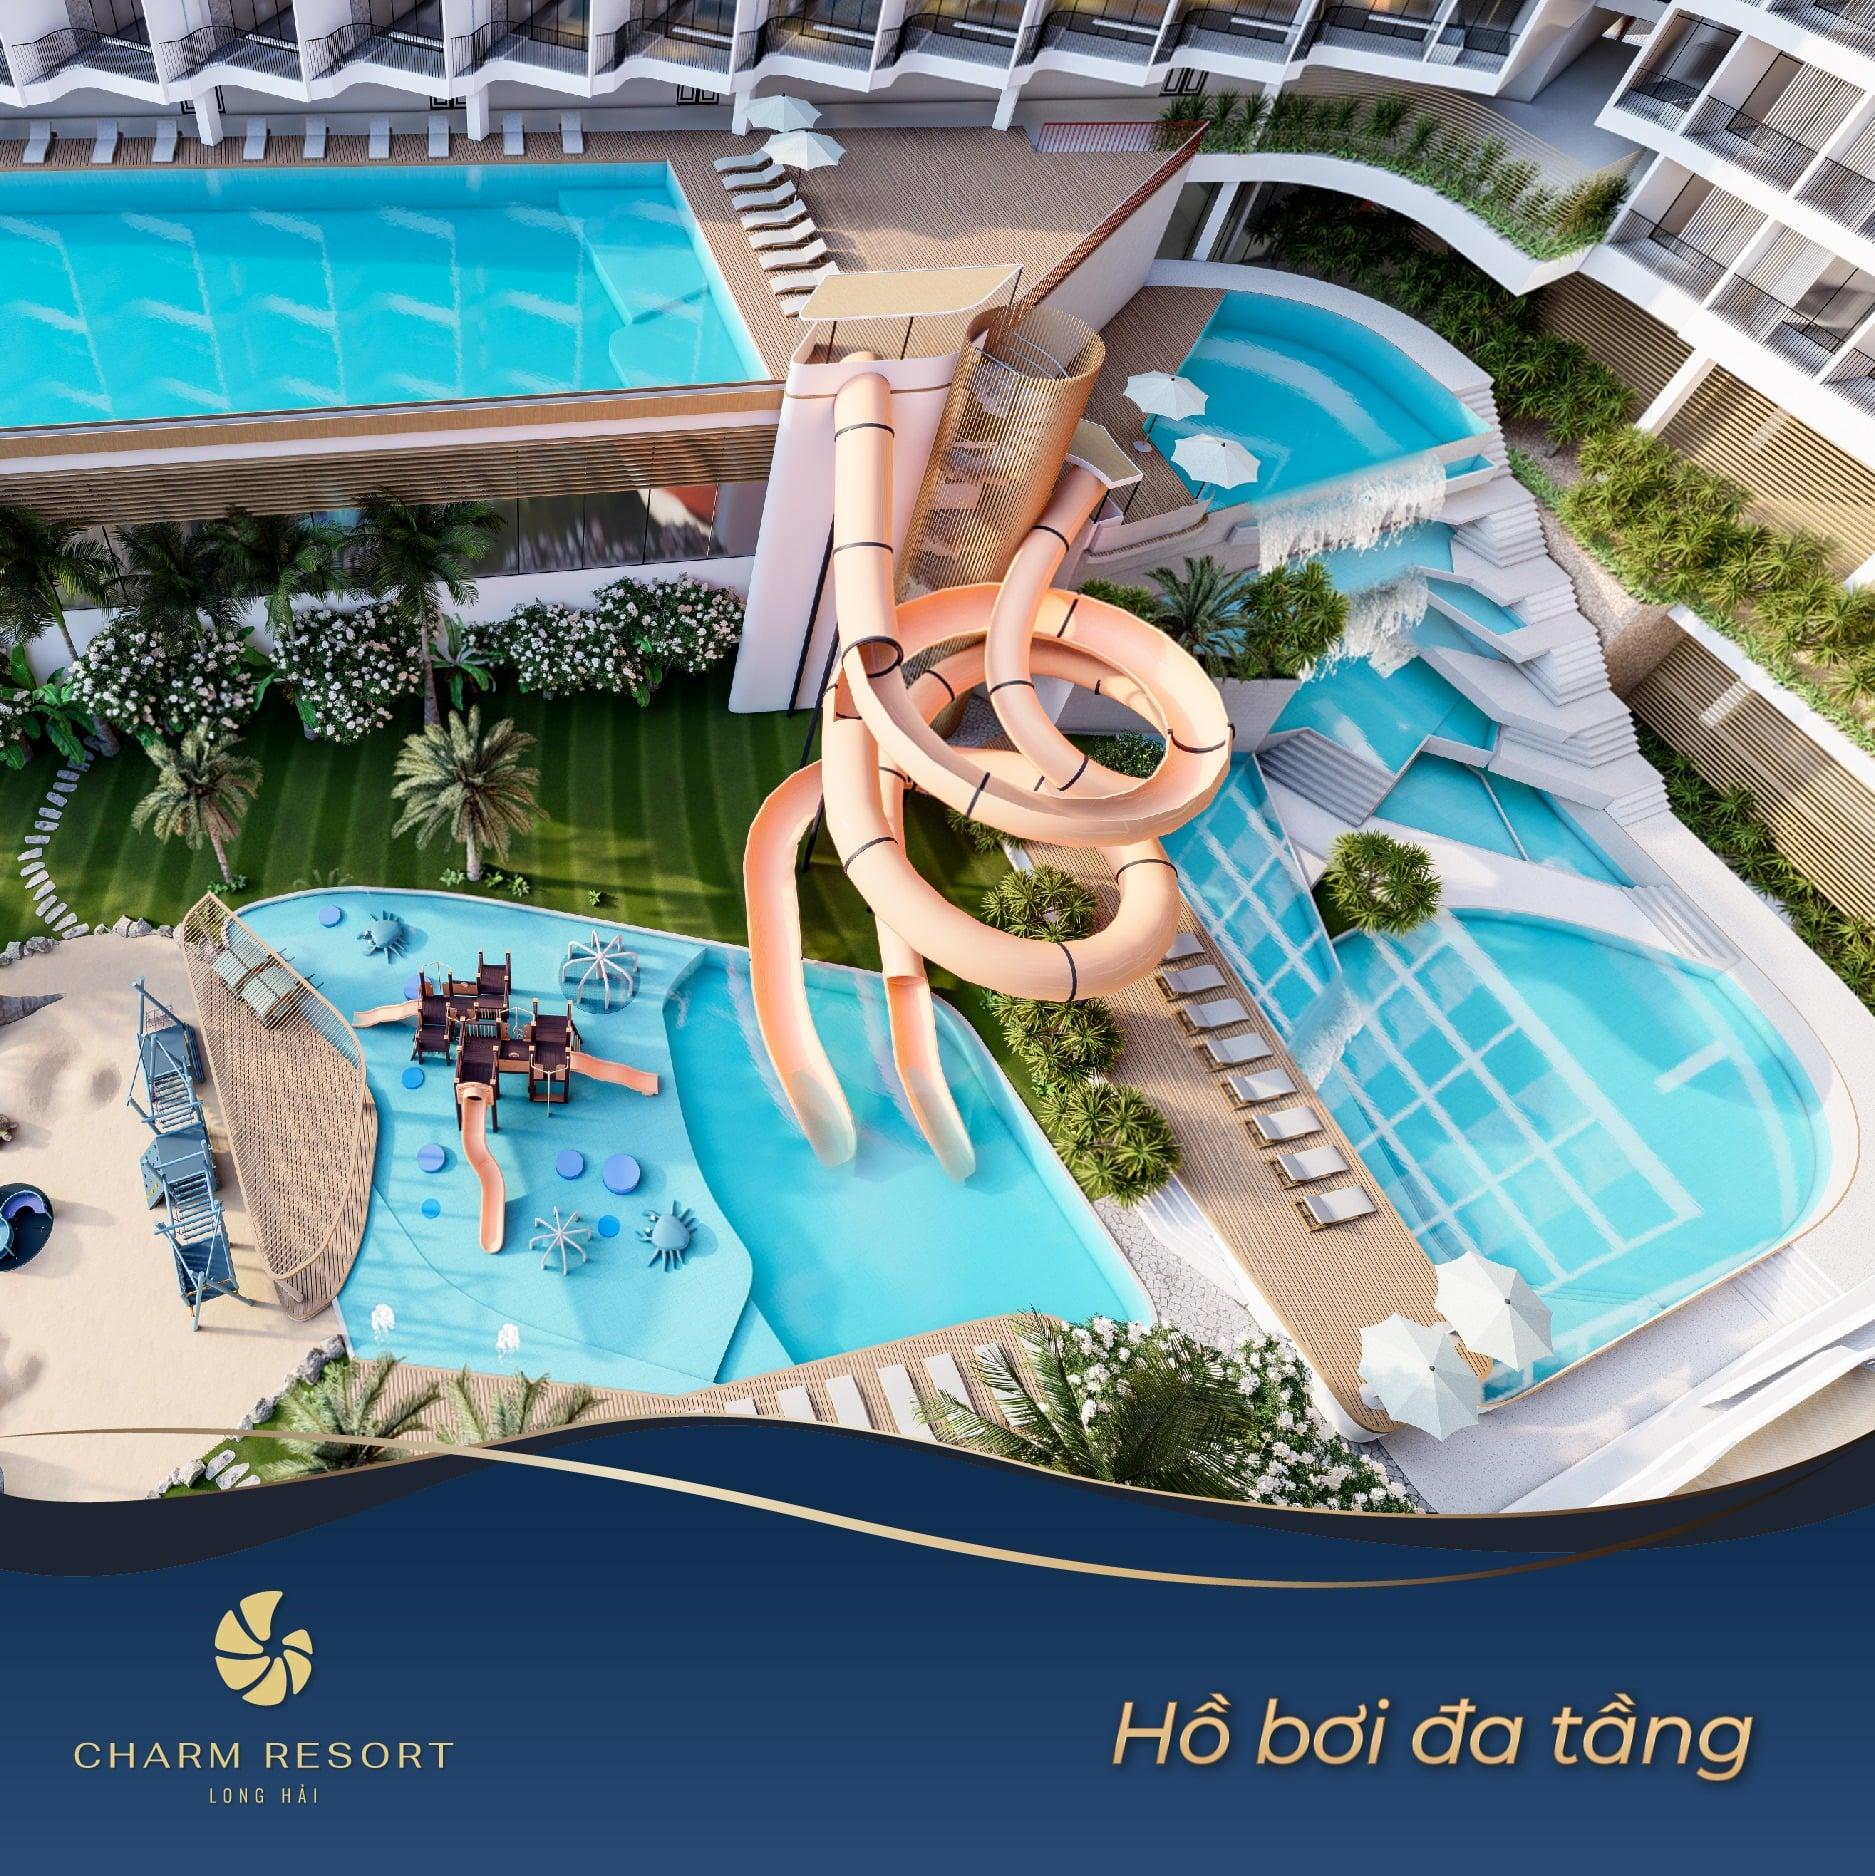 ho-boi-da-nang-charm-resort-long-hai